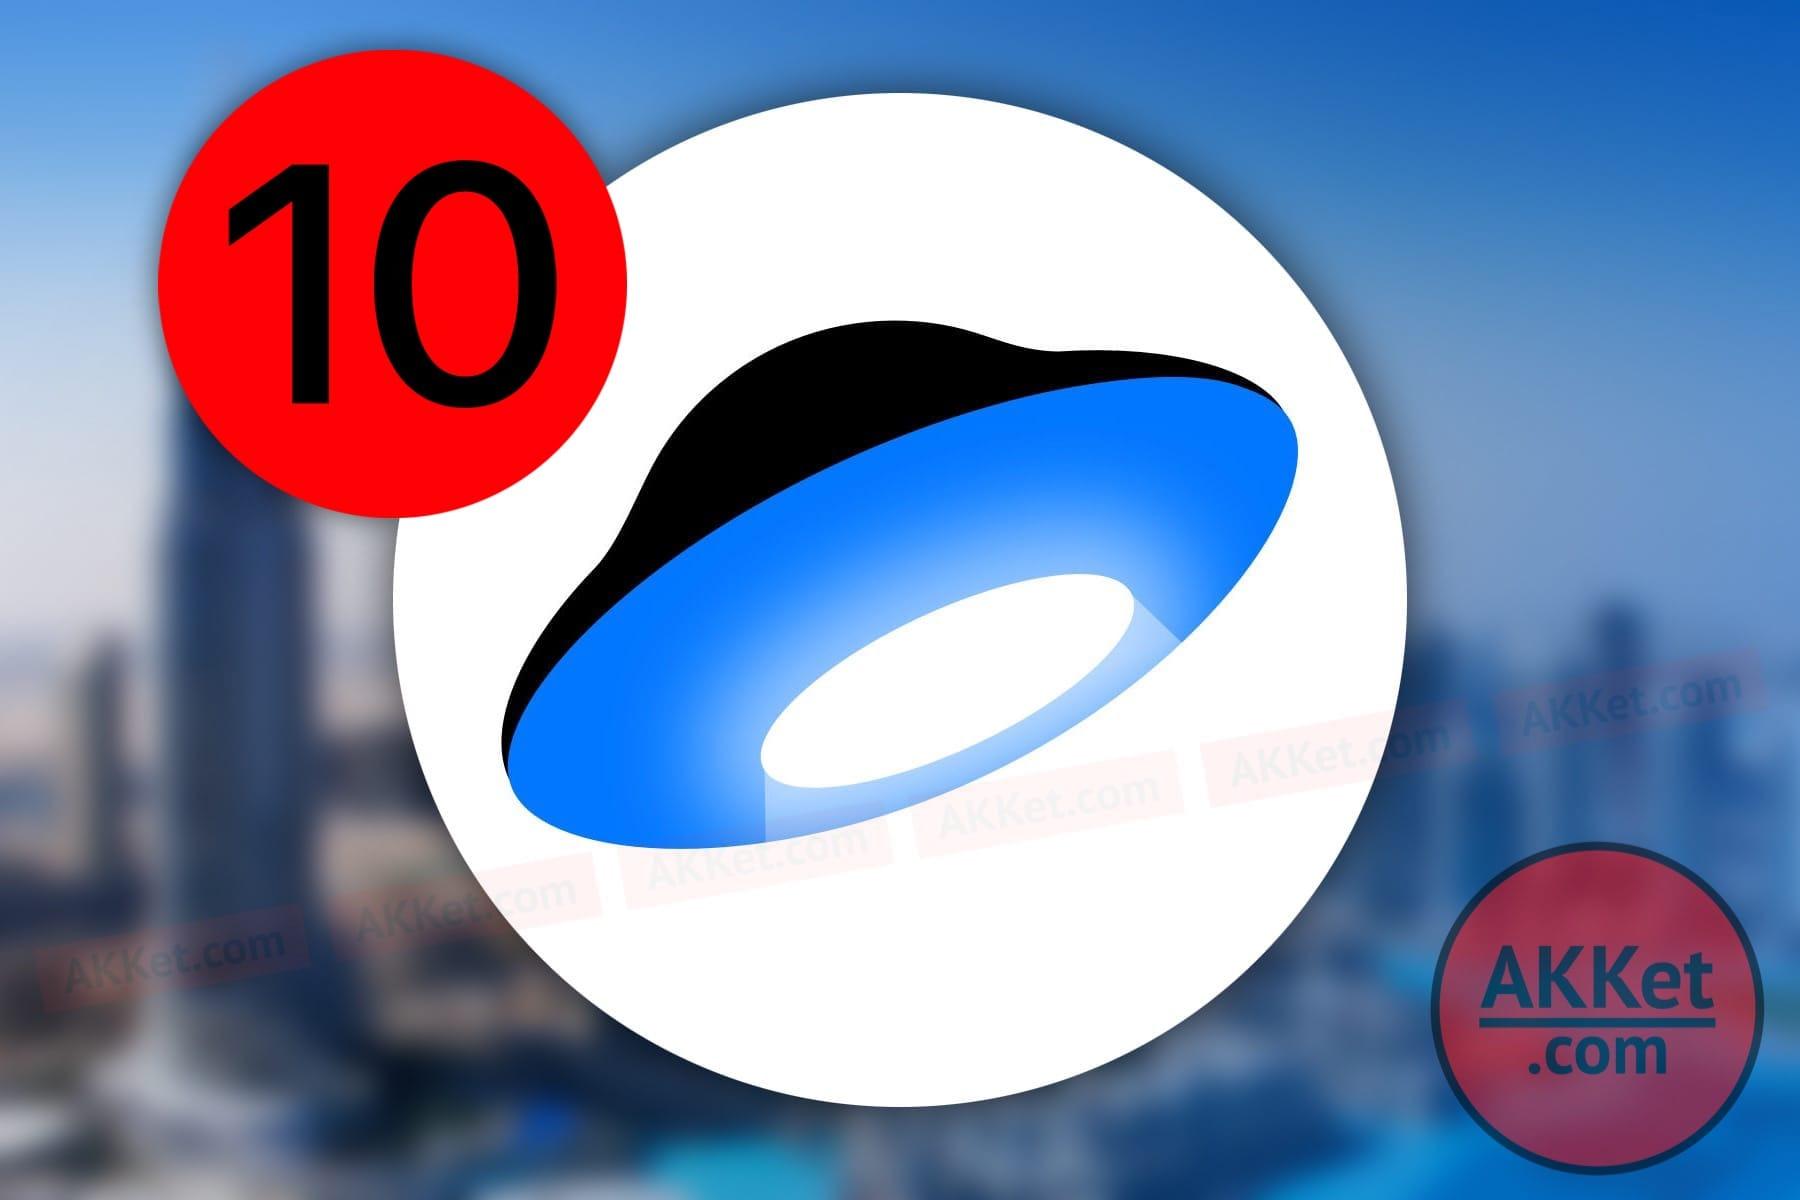 «Яндекс.Диск» бесплатно дарит всем 10 ГБдополнительного места воблачном хранилище